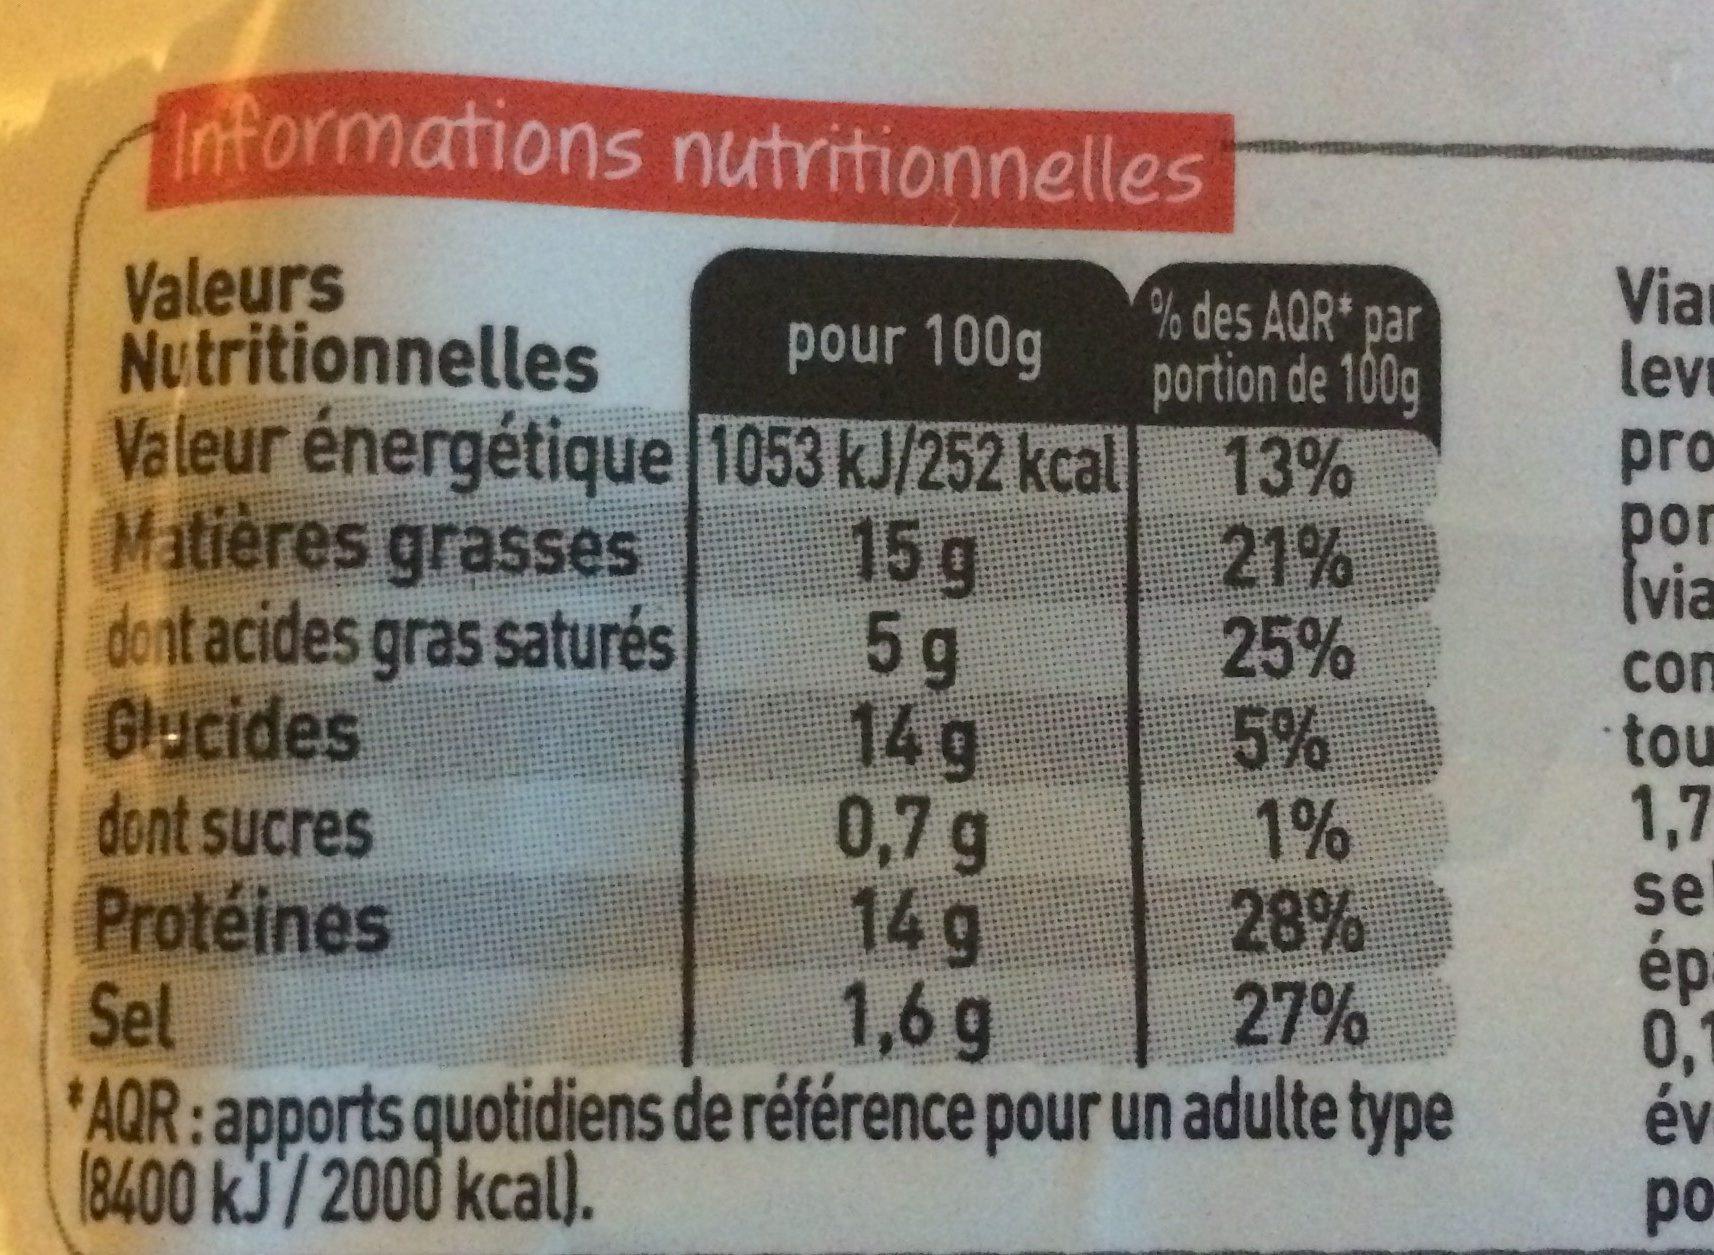 Boeuf Haché (85% de Maigre / 15% de Matières Grasses, Pâté, Cuit, Grillé) - Nutrition facts